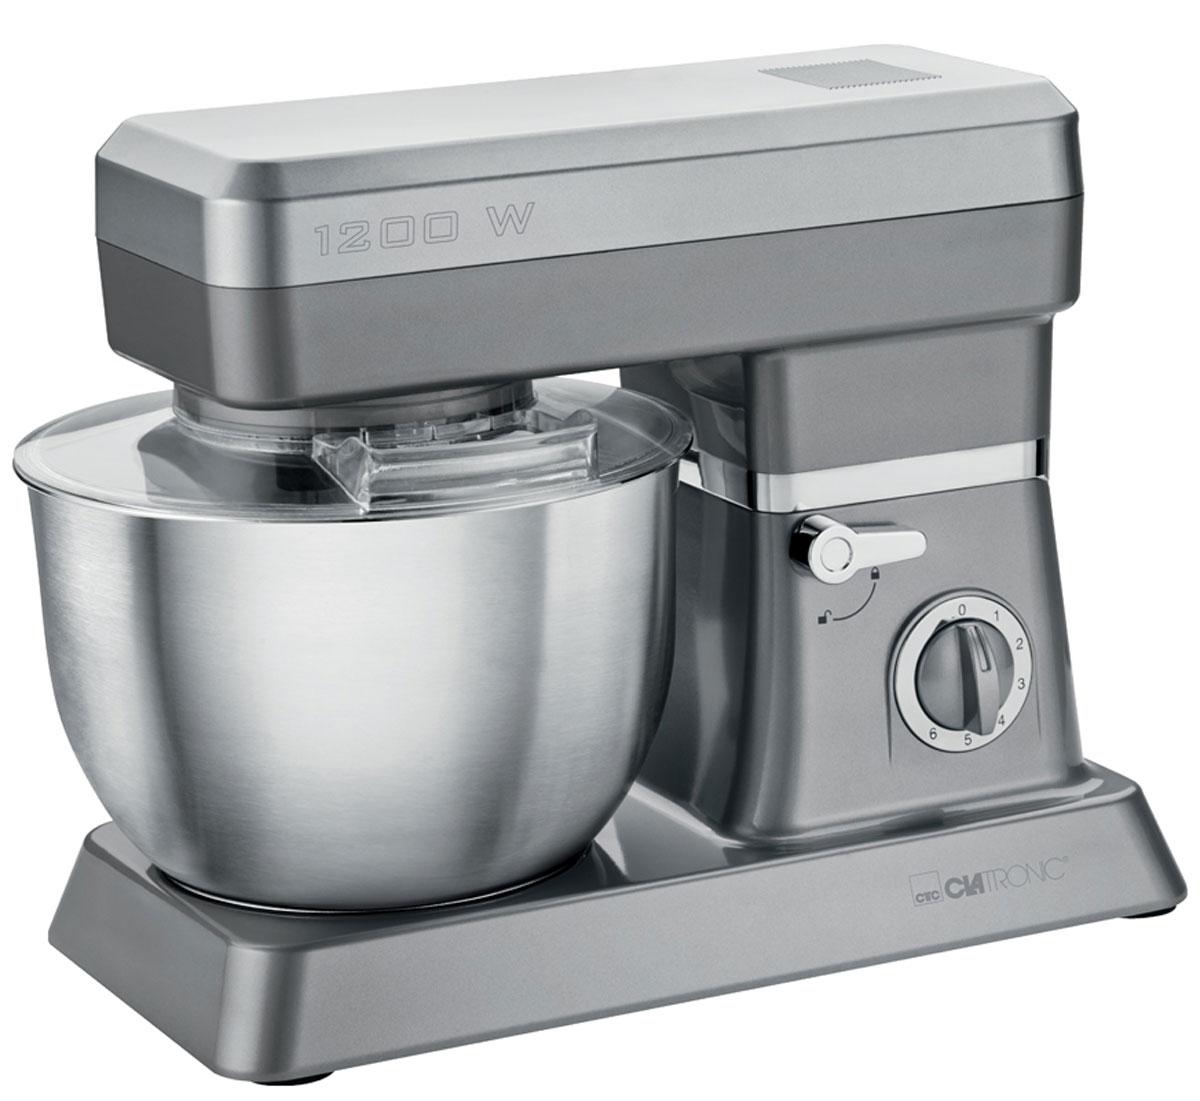 Clatronic KM 3630, Gray кухонный комбайнKM 3630 titanСтационарный миксер Clatronic KM 3630 станет прекрасным помощником для любой хозяйки С ним вы сможете готовить невероятно вкусные и аппетитные блюда, при этом сократив время их приготовление. Основным назначением прибора является изготовление различных видов теста и кремов. Миксер качественно и быстро перемешивает различные ингредиенты, что дает возможность избежать комочков.Clatronic KM 3630 снабжен чашей из нержавеющей стали и механической системой управления. 6 скоростей замешивания + импульсный режим обеспечат наилучший результат.Поворотный рукав на 35°Чаша из нержавеющей сталиБыстрозажимной патронЛегко разбирается для мытья и чистки